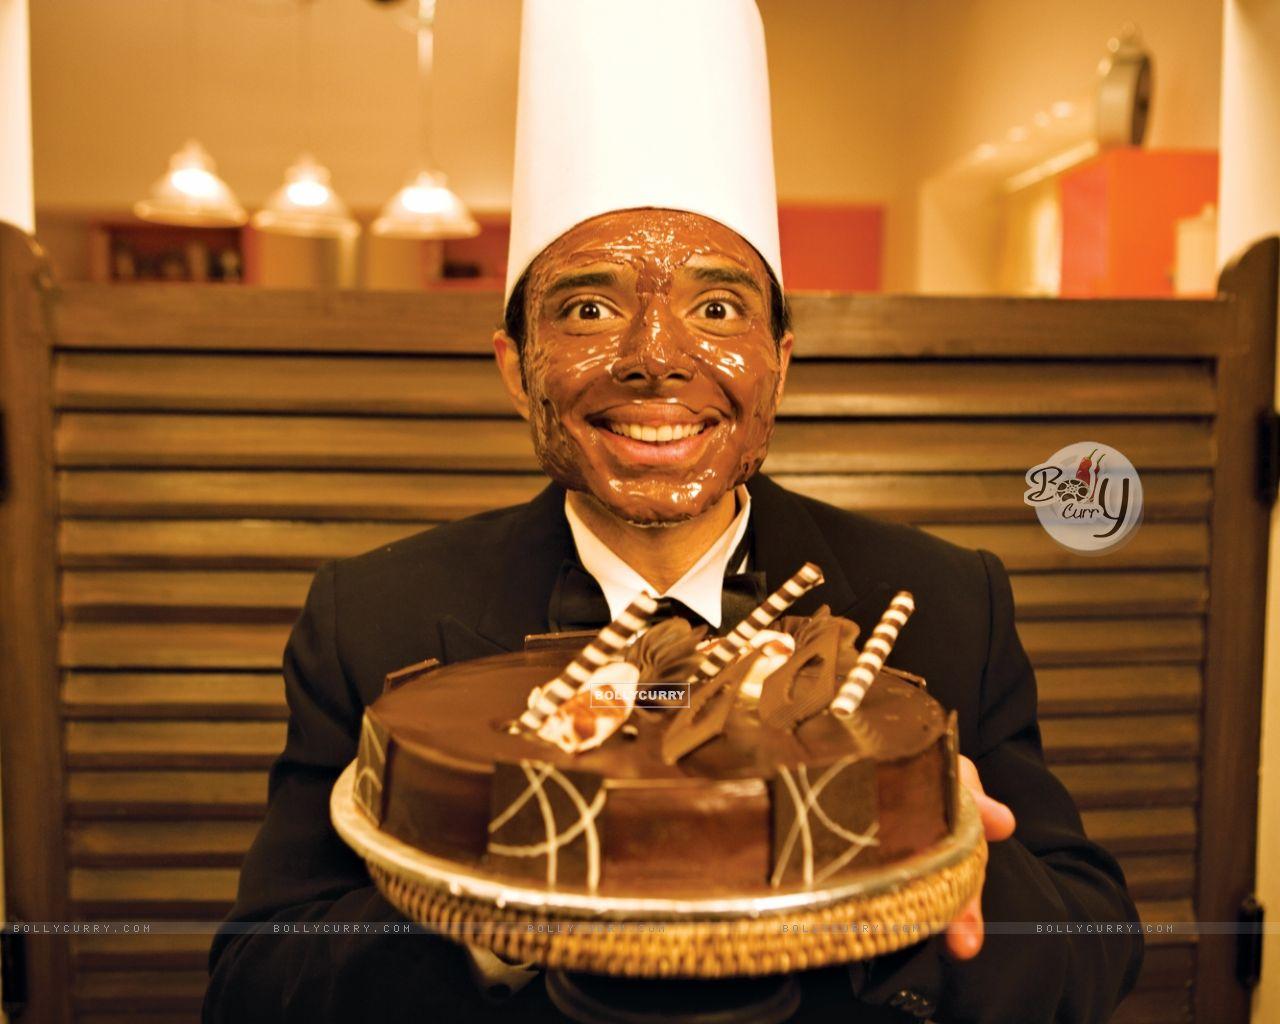 Uday Chopra with Choclate cake (40385) size:1280x1024